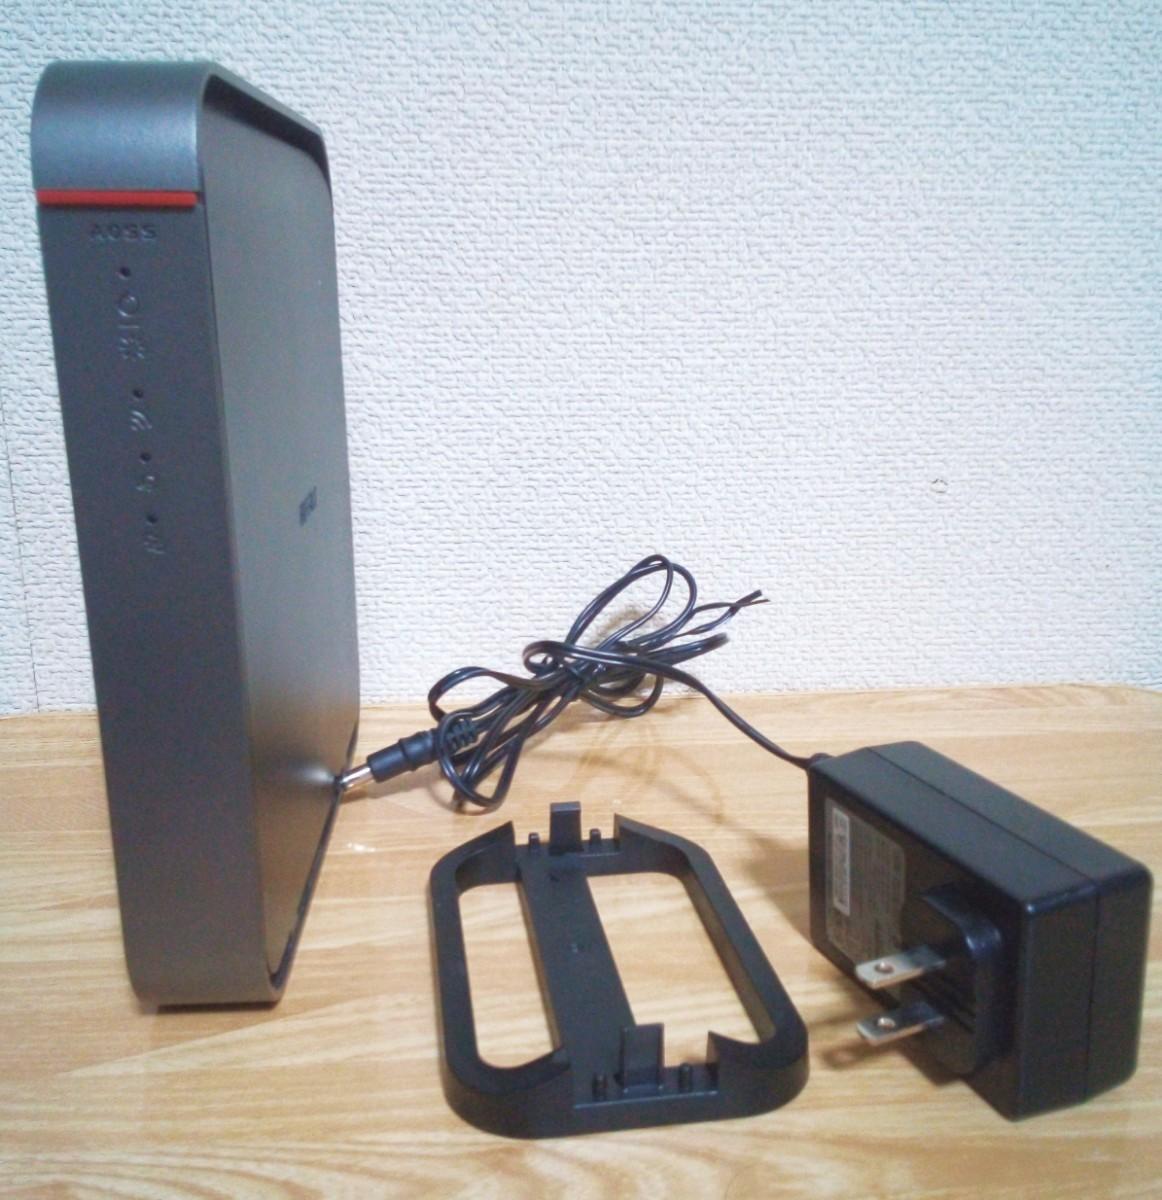 無線LANルータBUFFALO バッファロー WZR-900DHP2